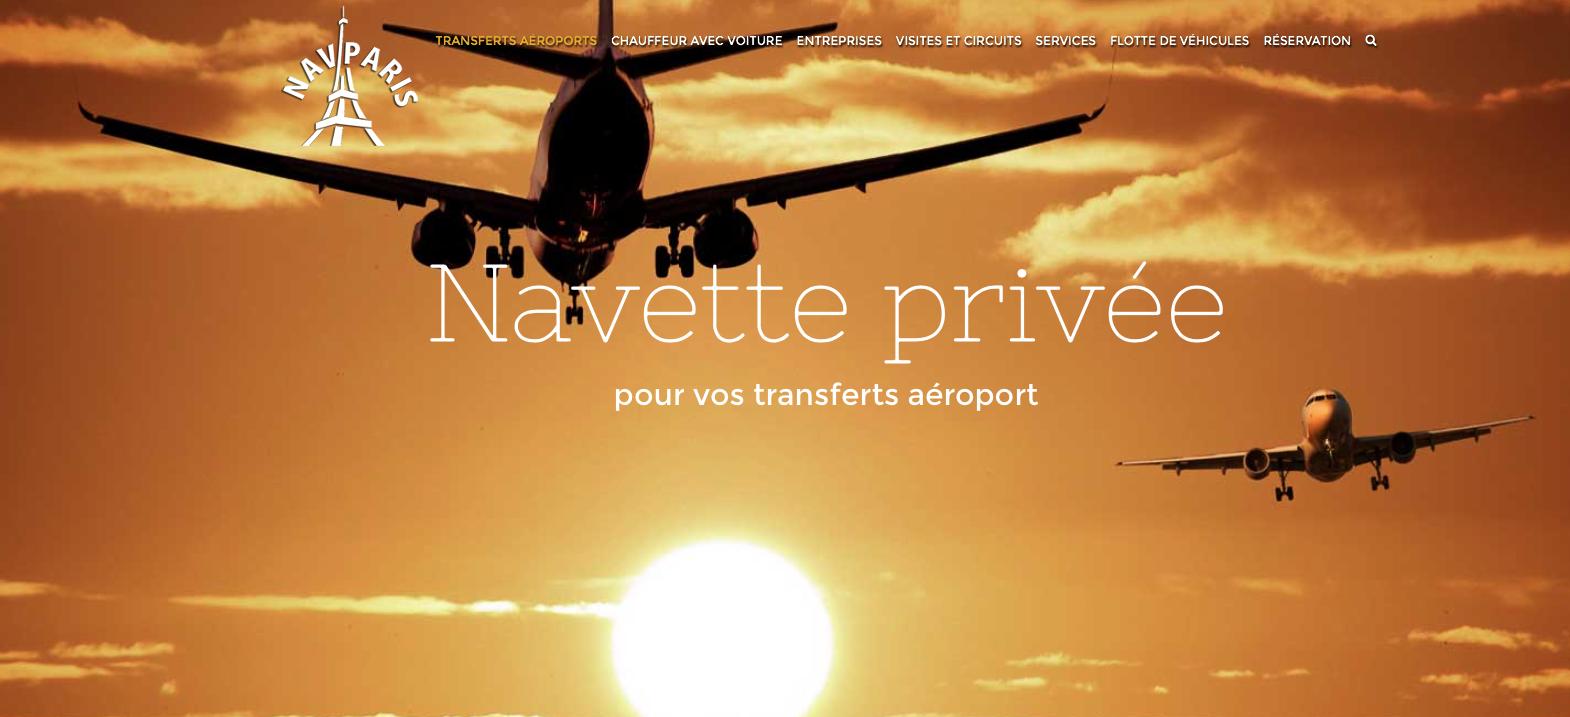 Navparisホームページを当社が翻訳